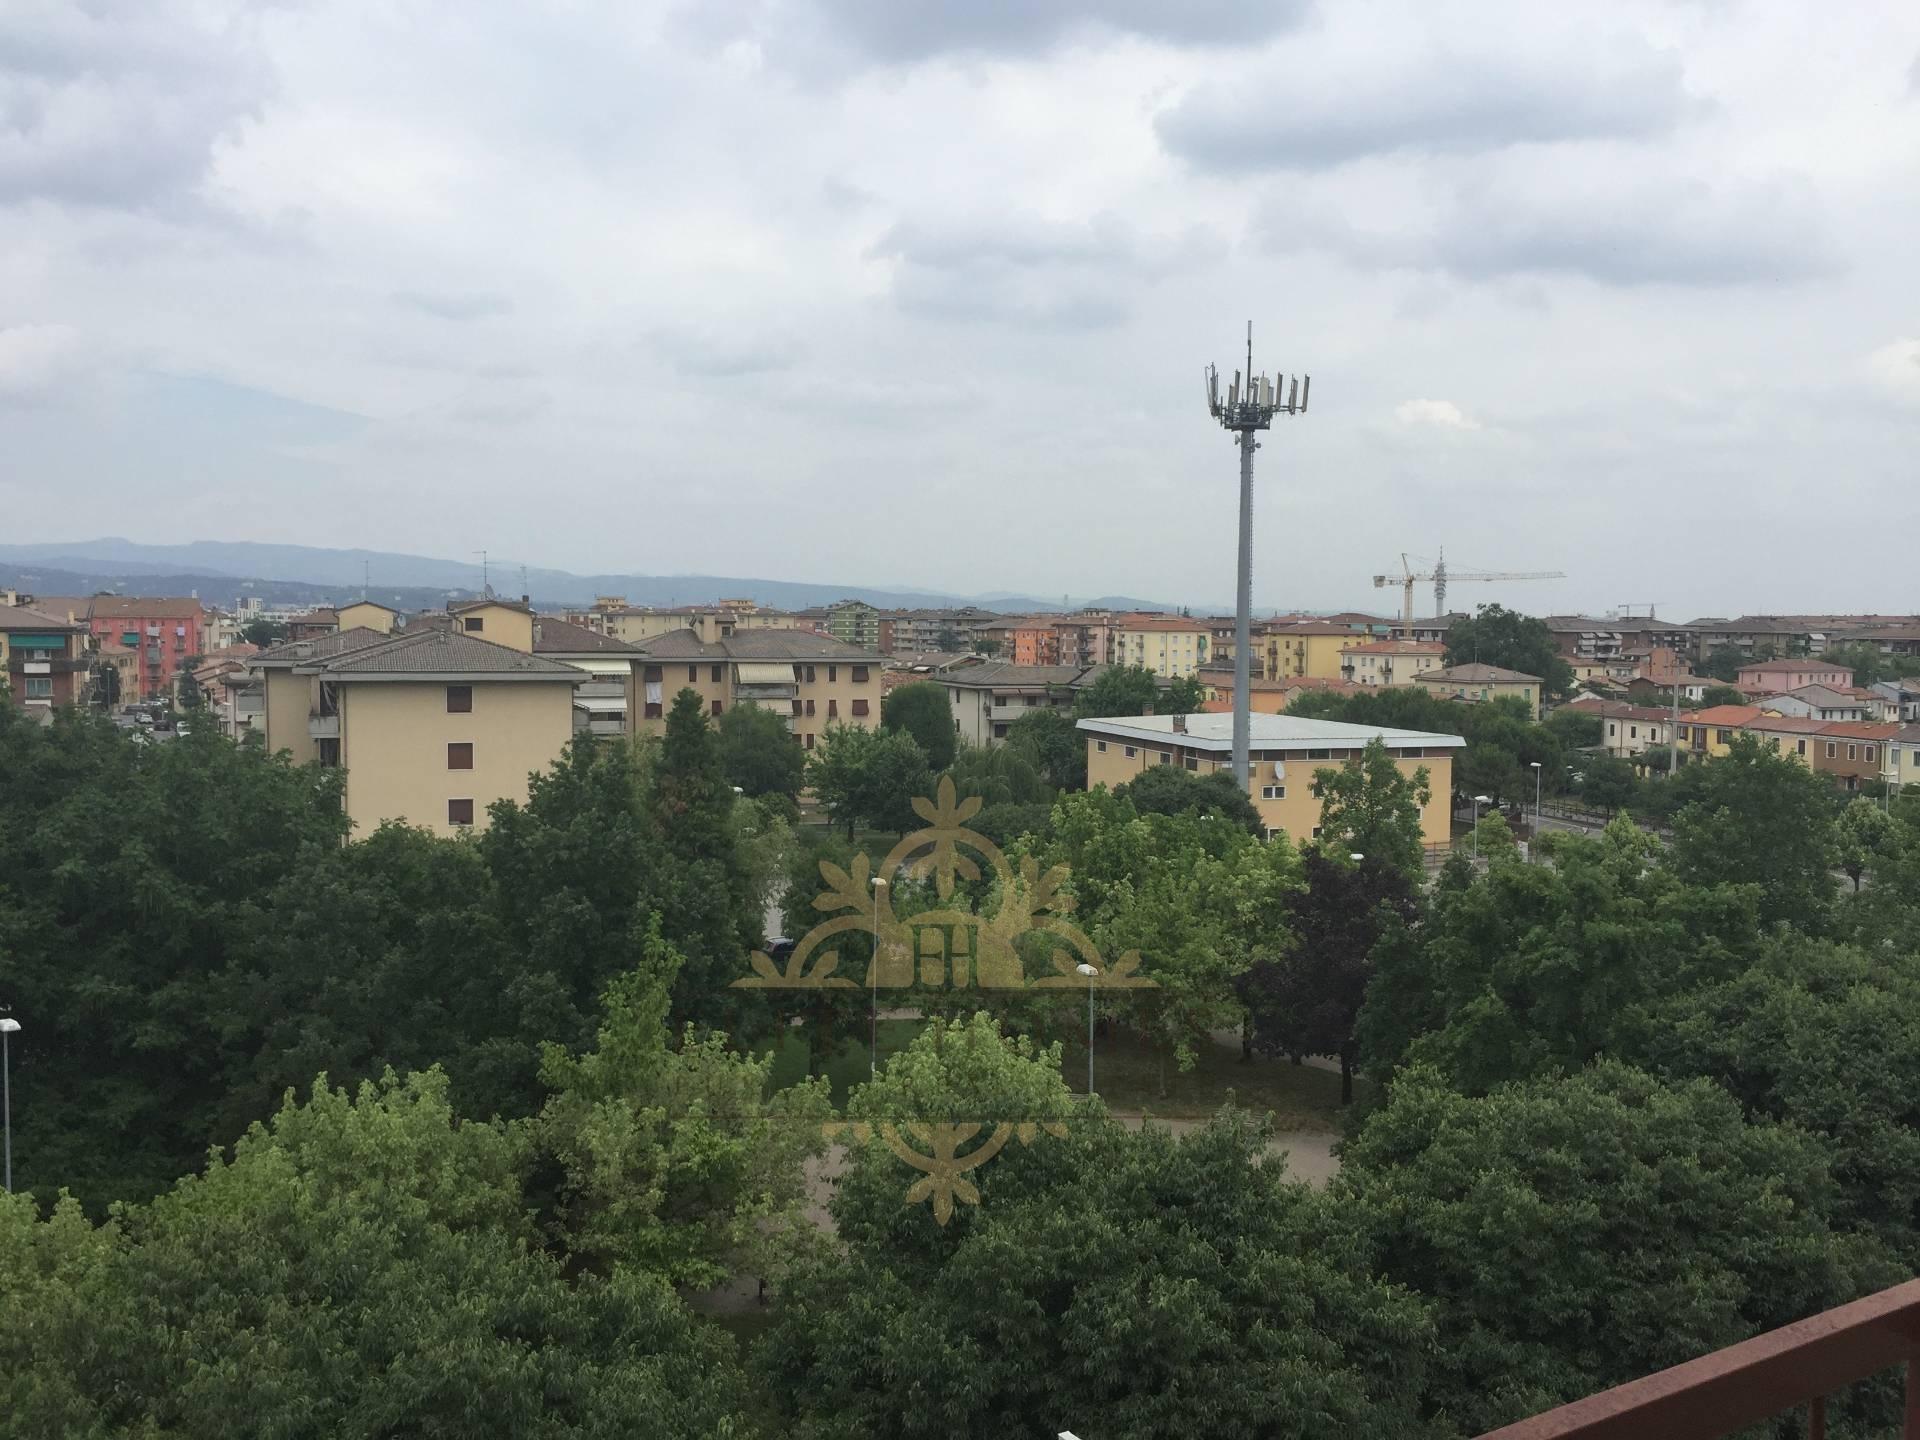 Appartamento in vendita a Verona, 4 locali, zona Località: S.Lucia, prezzo € 115.000   Cambio Casa.it